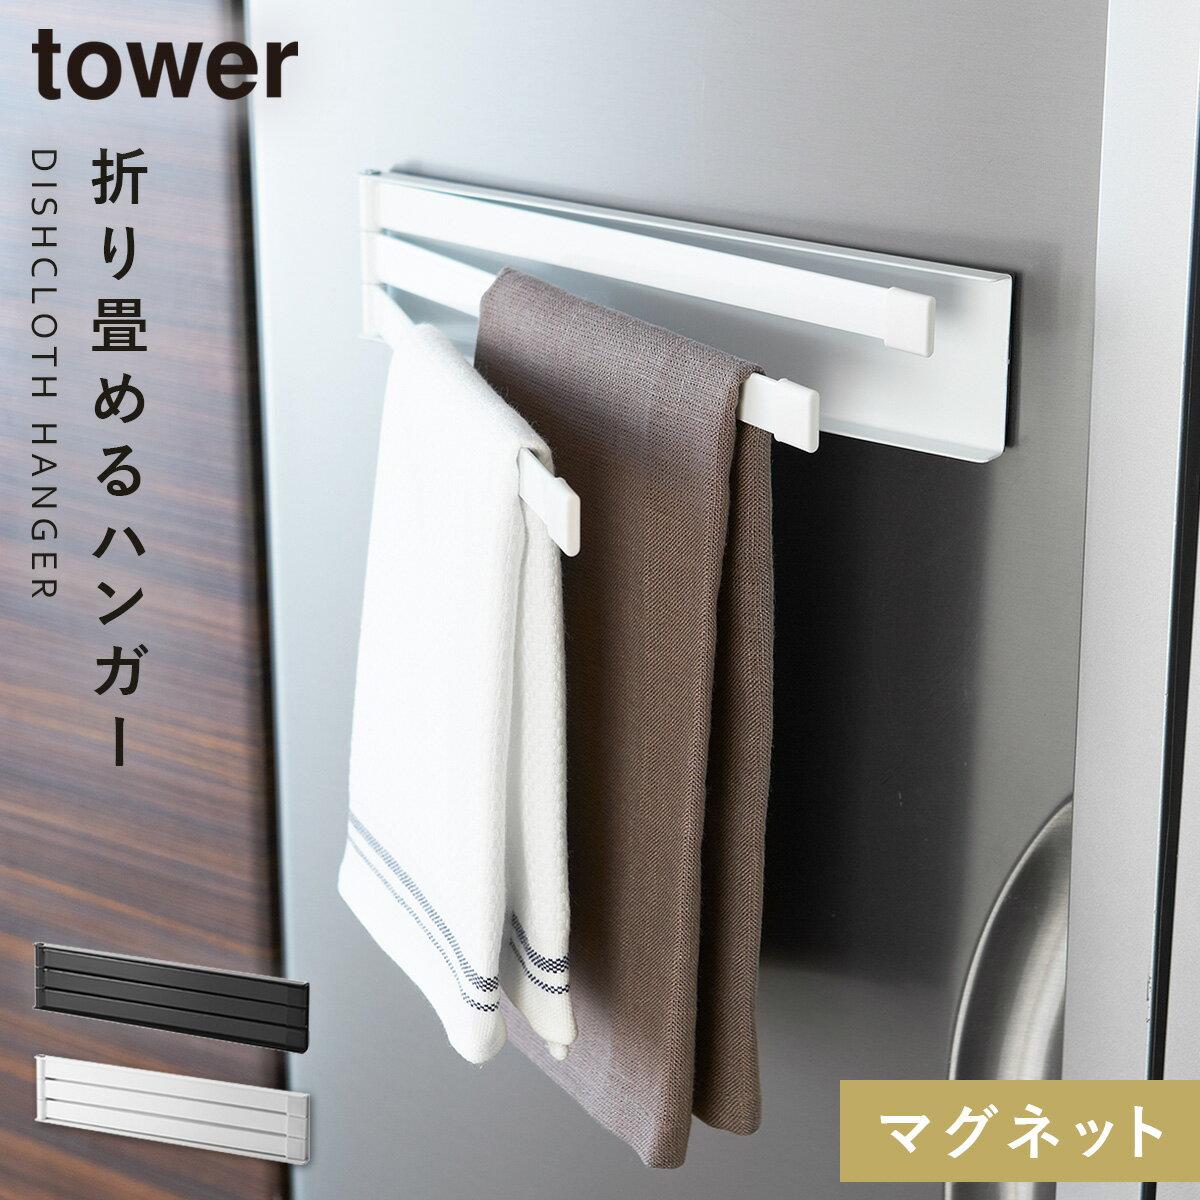 布巾ハンガー 布巾掛け マグネット布巾ハンガー タワー 白い 黒 tower 山崎実業